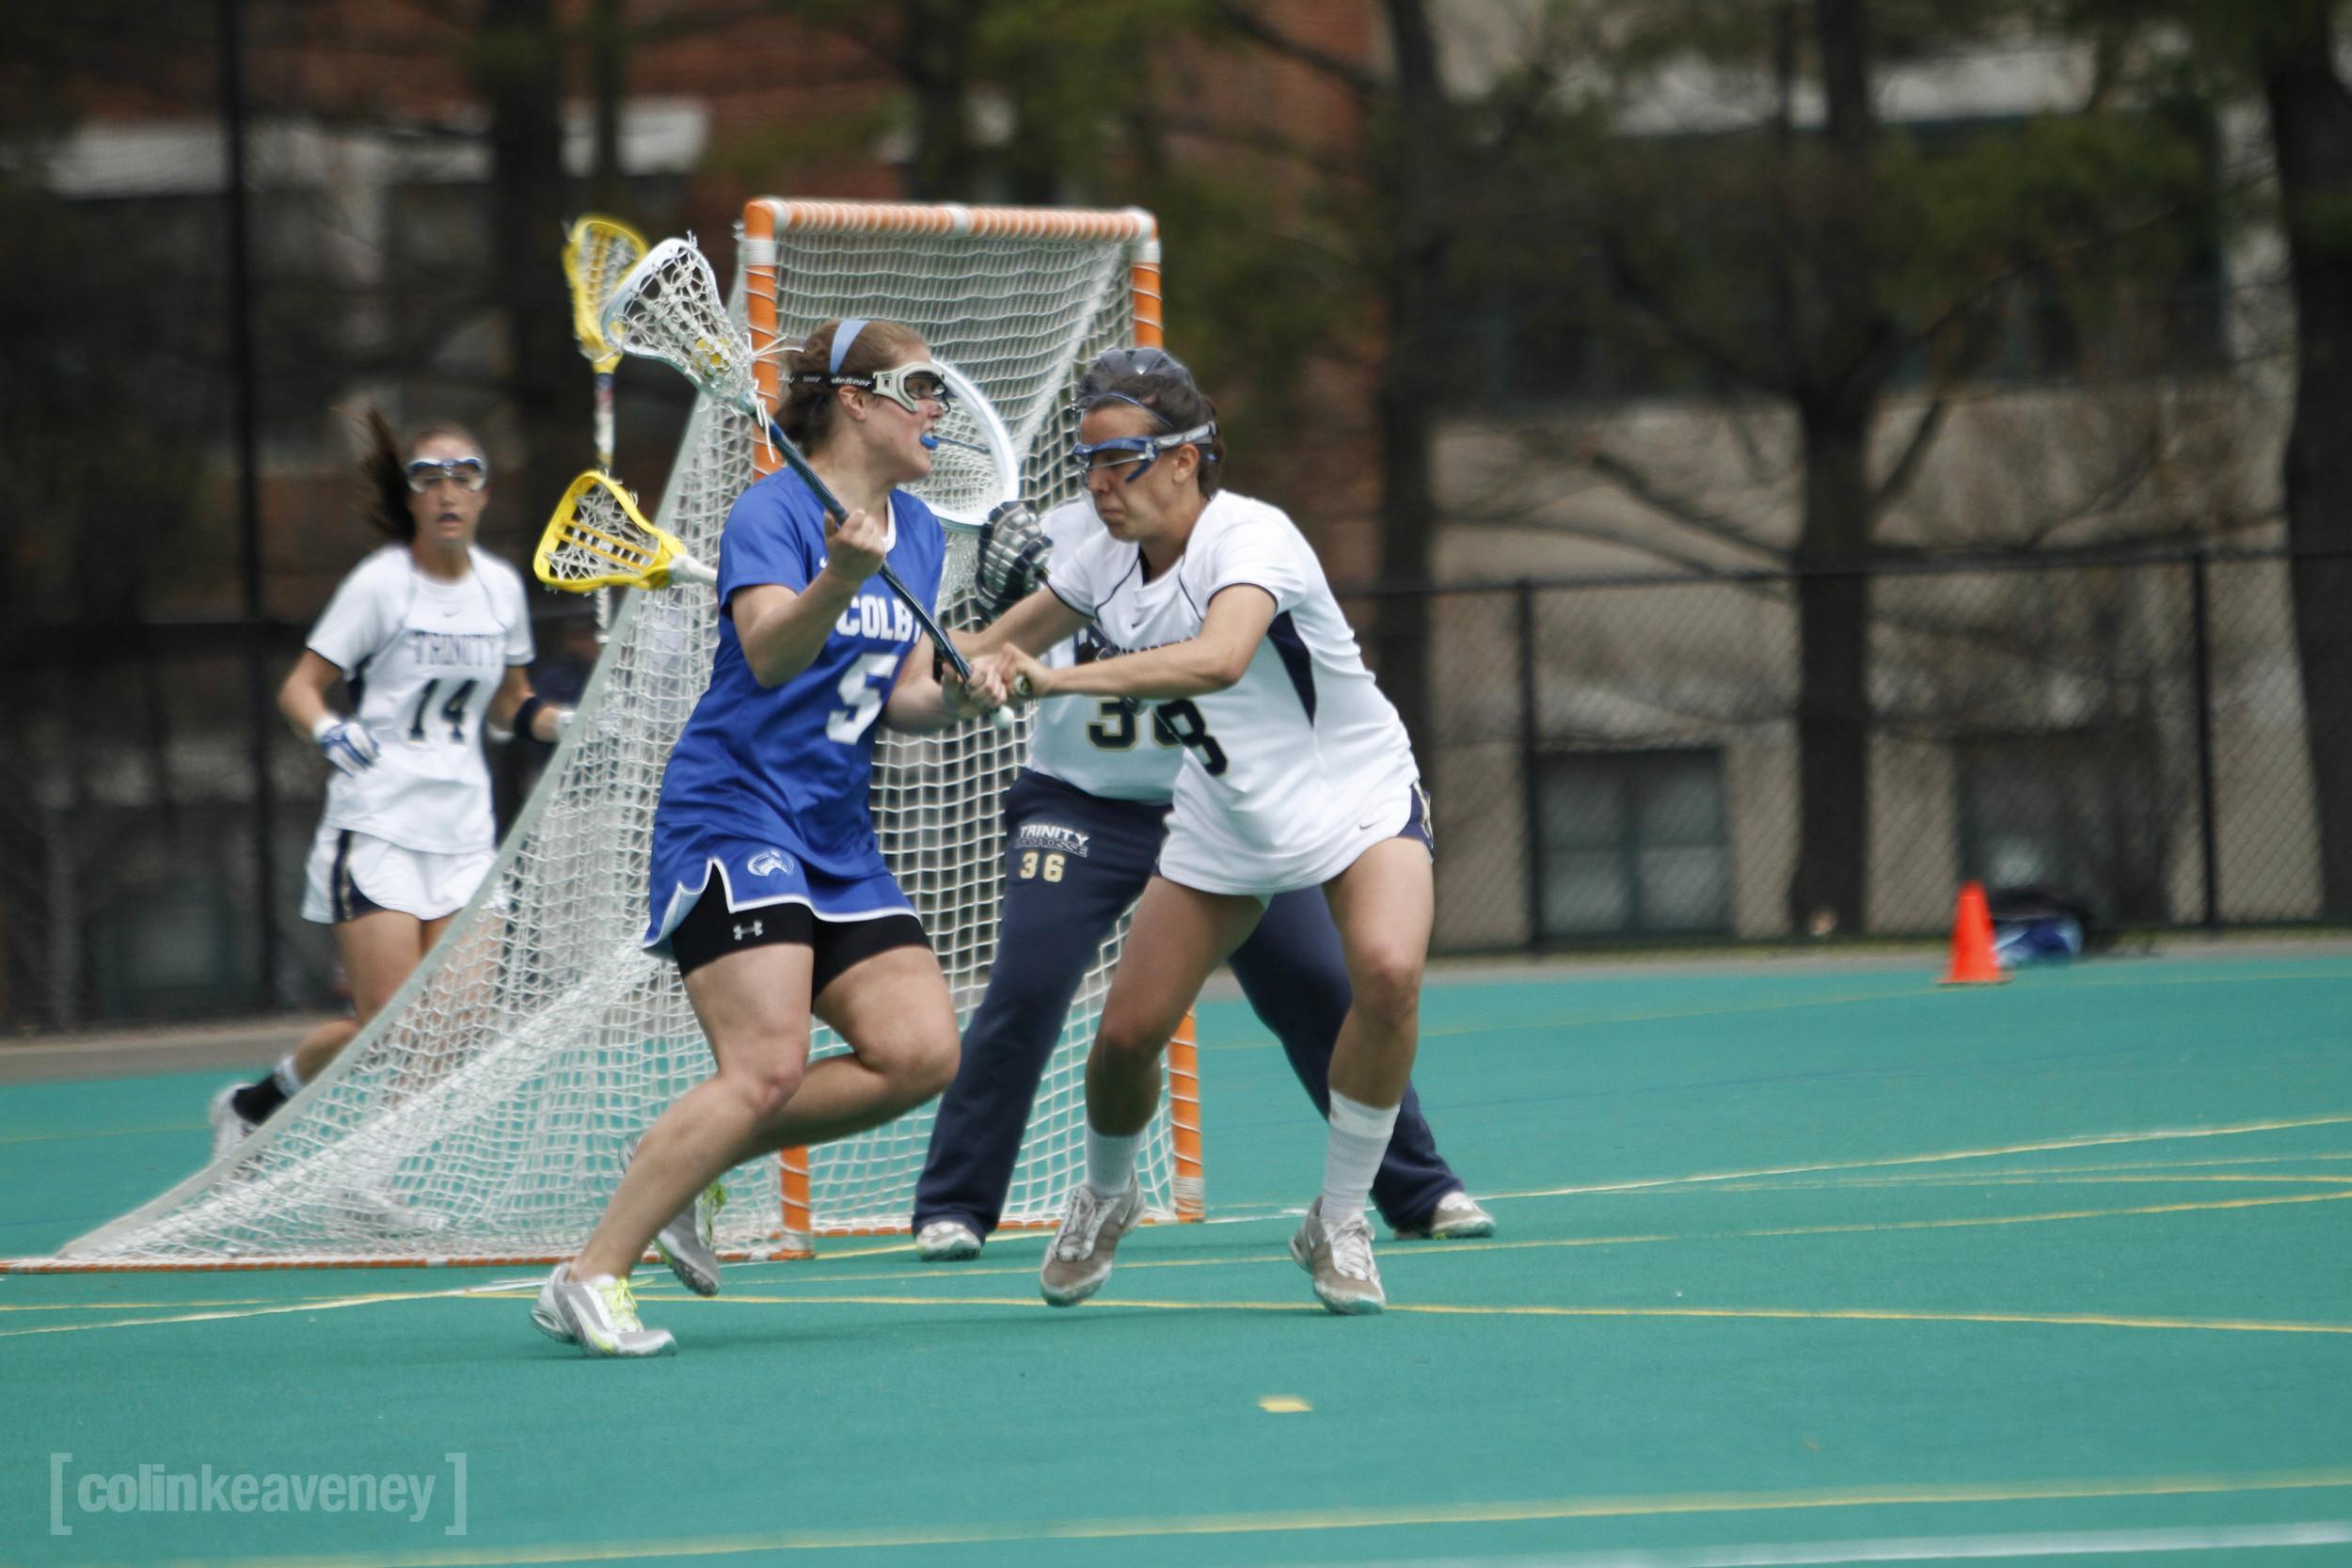 COLBY_lacrosse-90.jpg